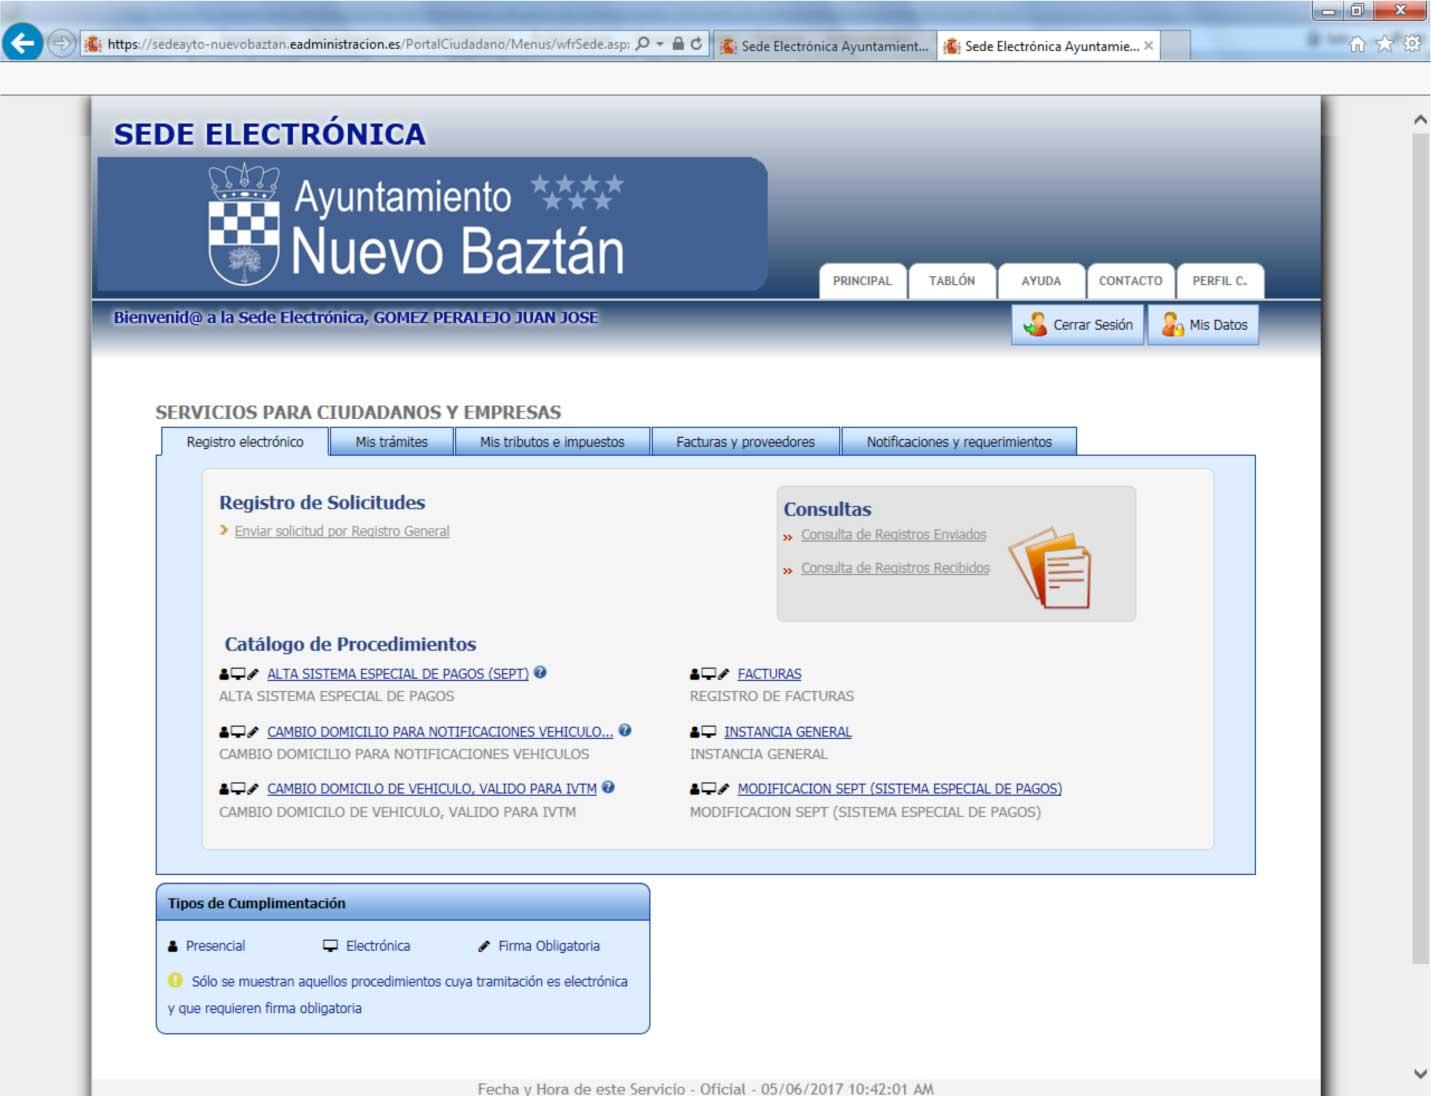 Sede Electrónica Ayto. de Nuevo Baztán